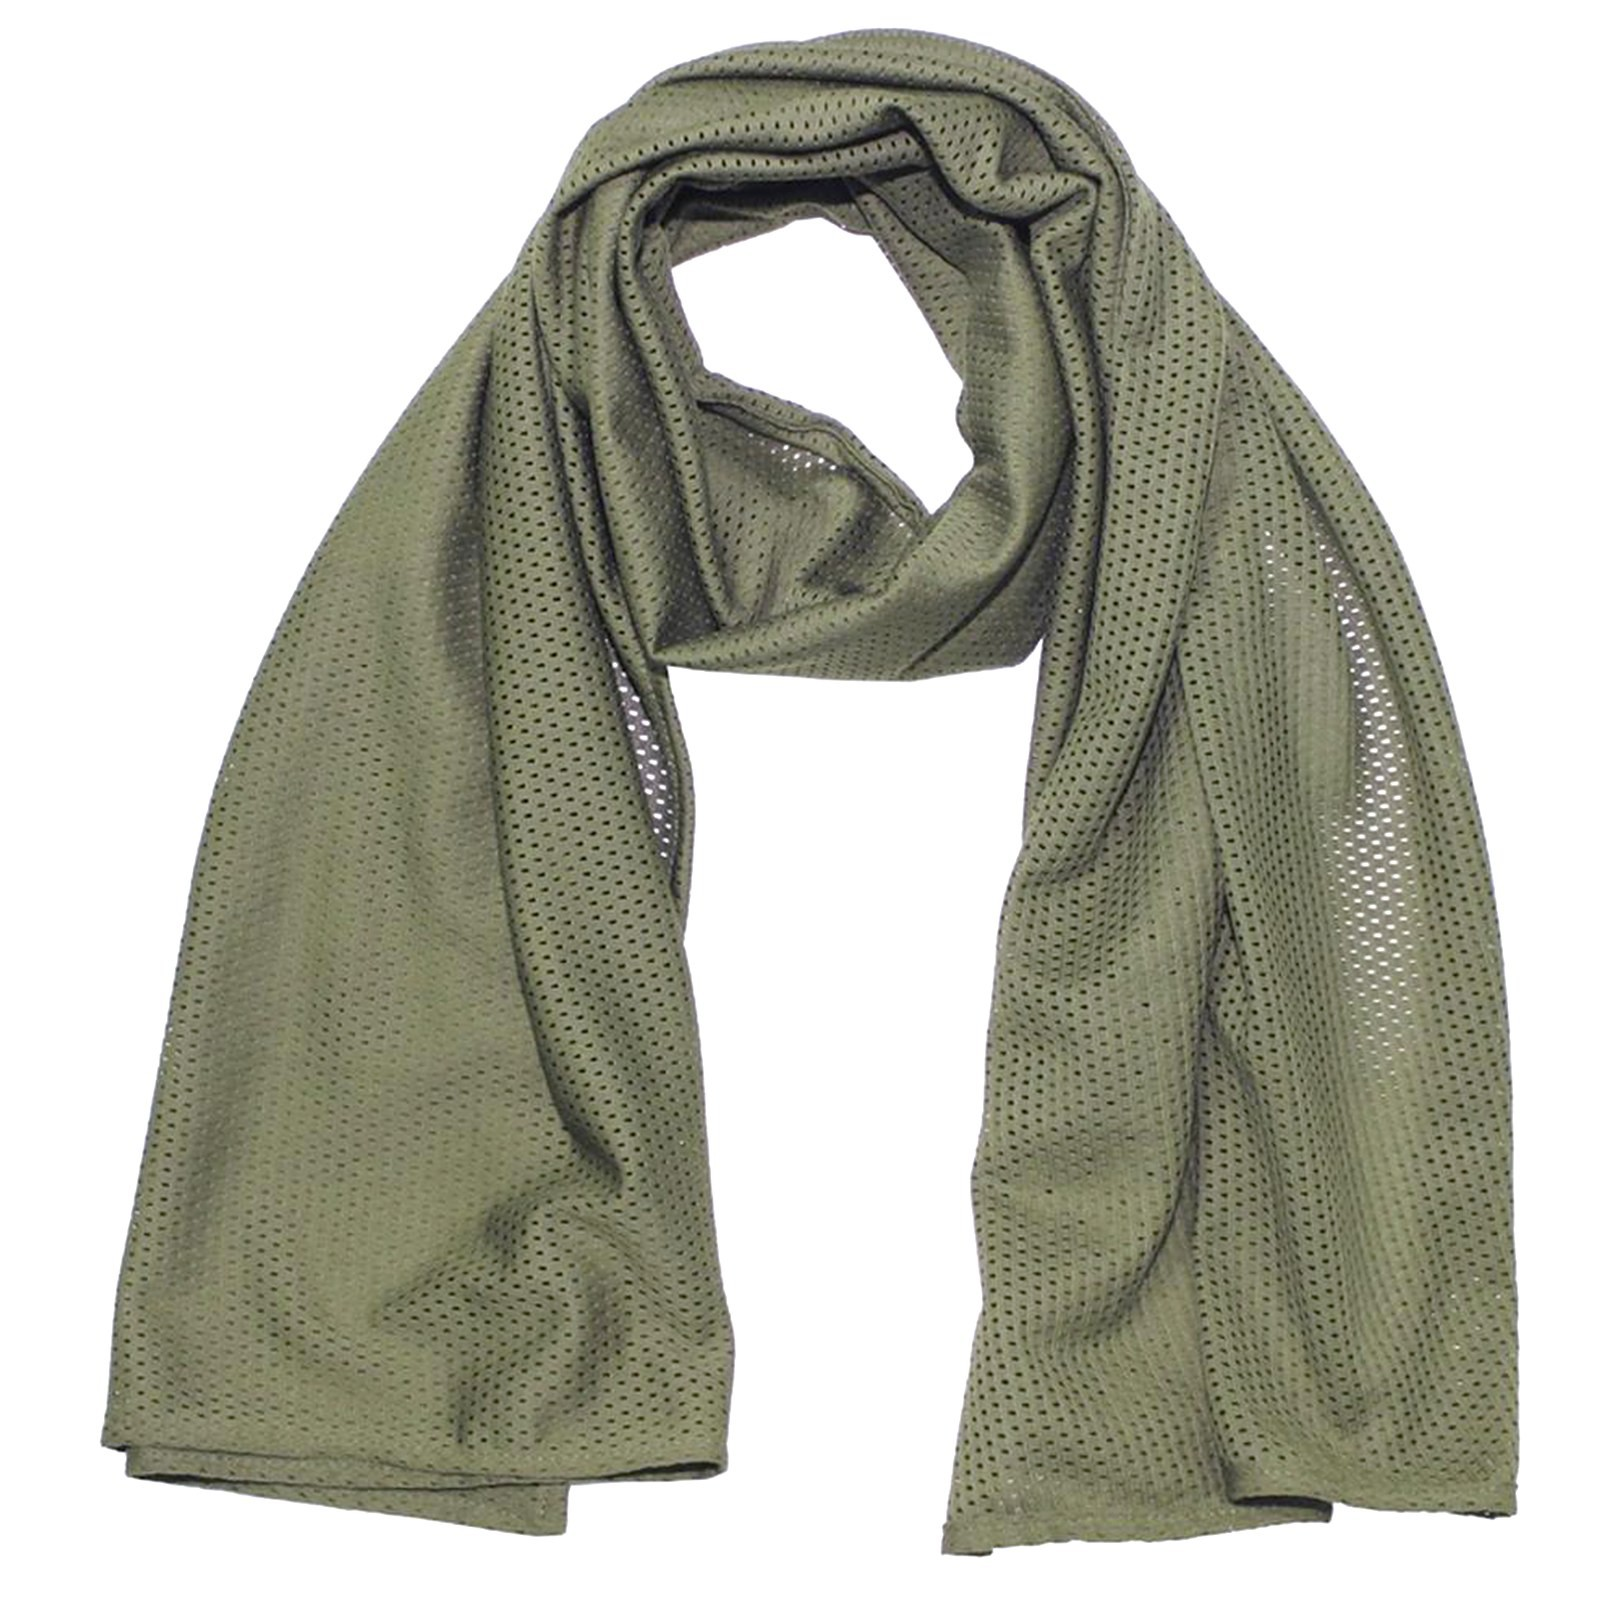 Sciarpa a rete Verde Militare Mimetica Tessuto Mimetico per Softair Uomo Cotone